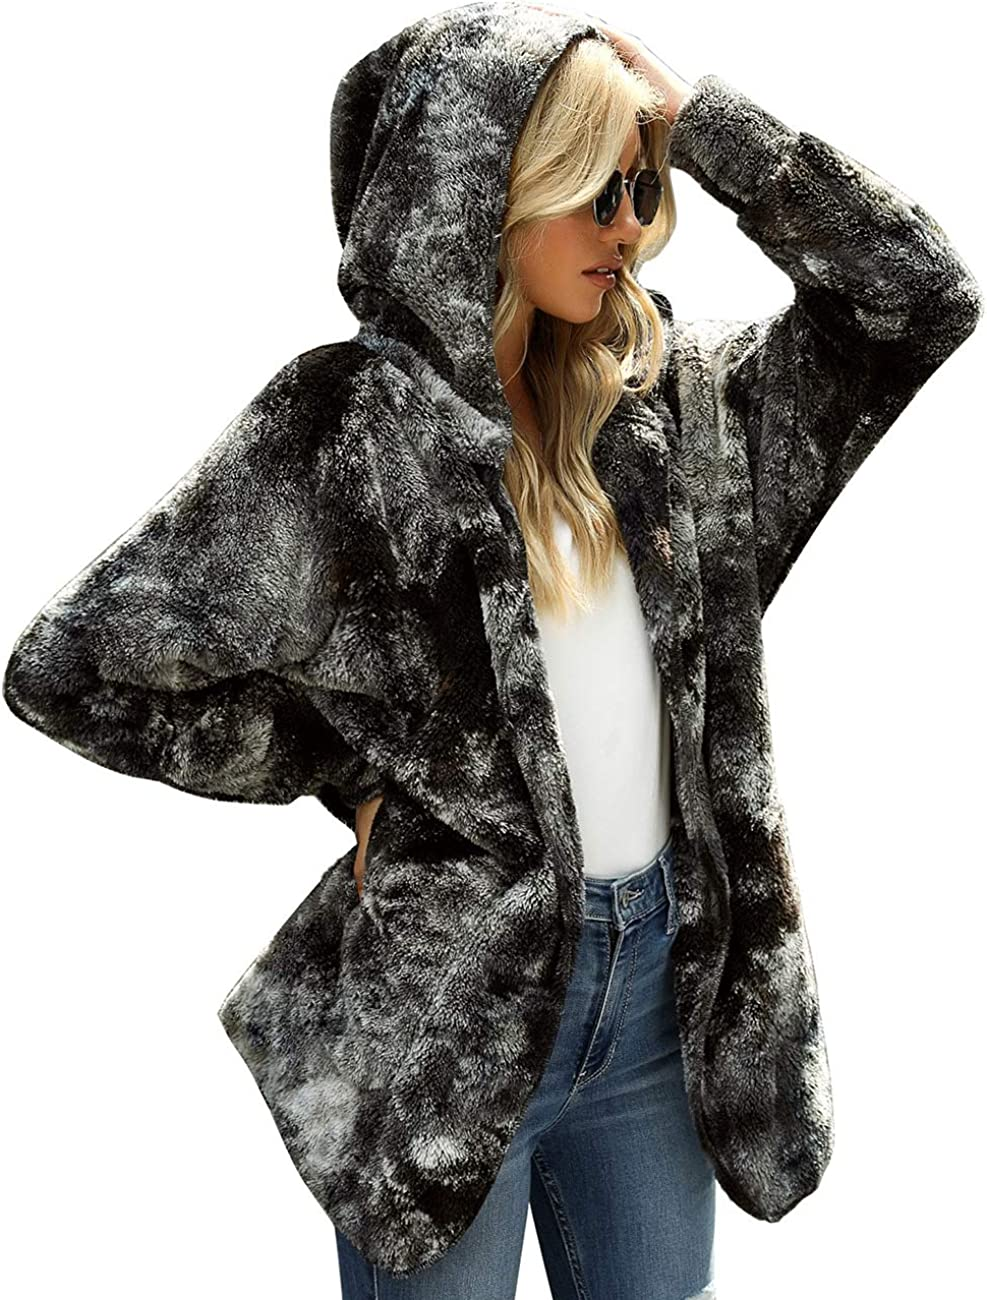 Vetinee Women Casual Fuzzy Fleece Hooded Cardigan Pocket Faux Fur Outerwear Coat